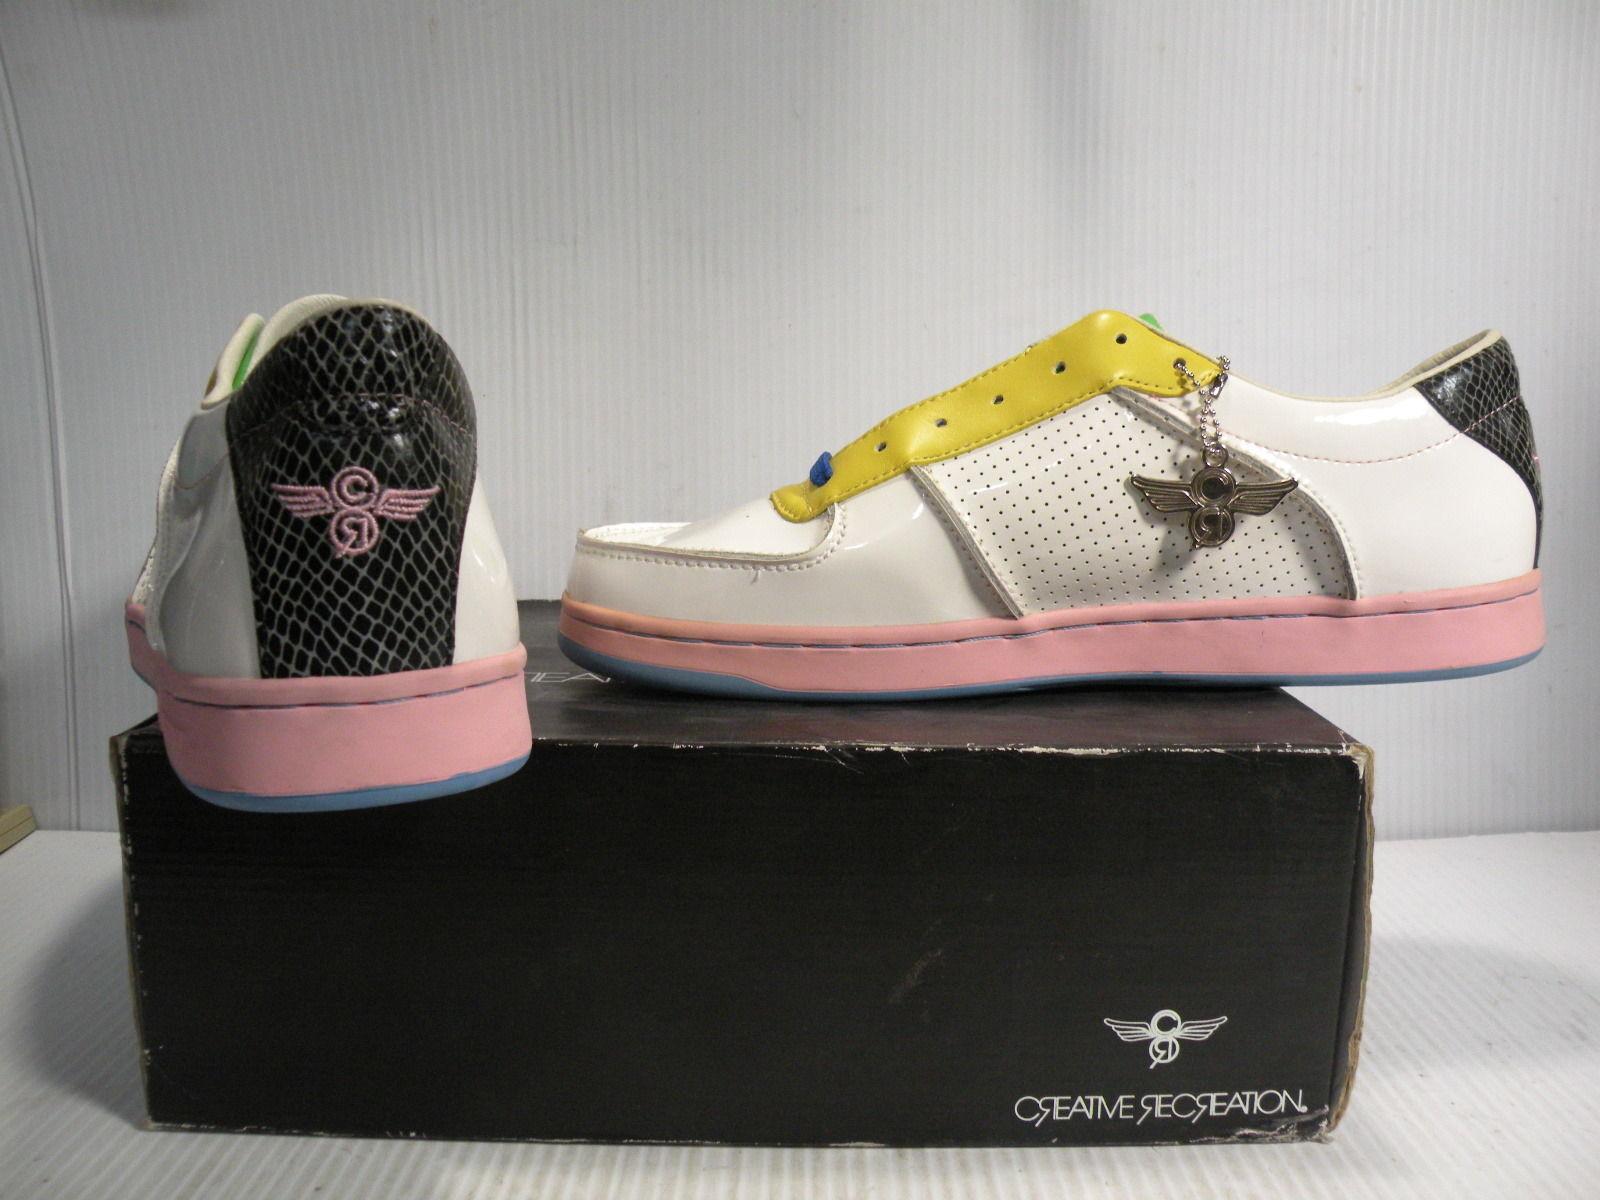 Creative Recreation Recreation Recreation AL Capone P. low scarpe da ginnastica scarpe Uomo bianca pcr68 12 new e04287